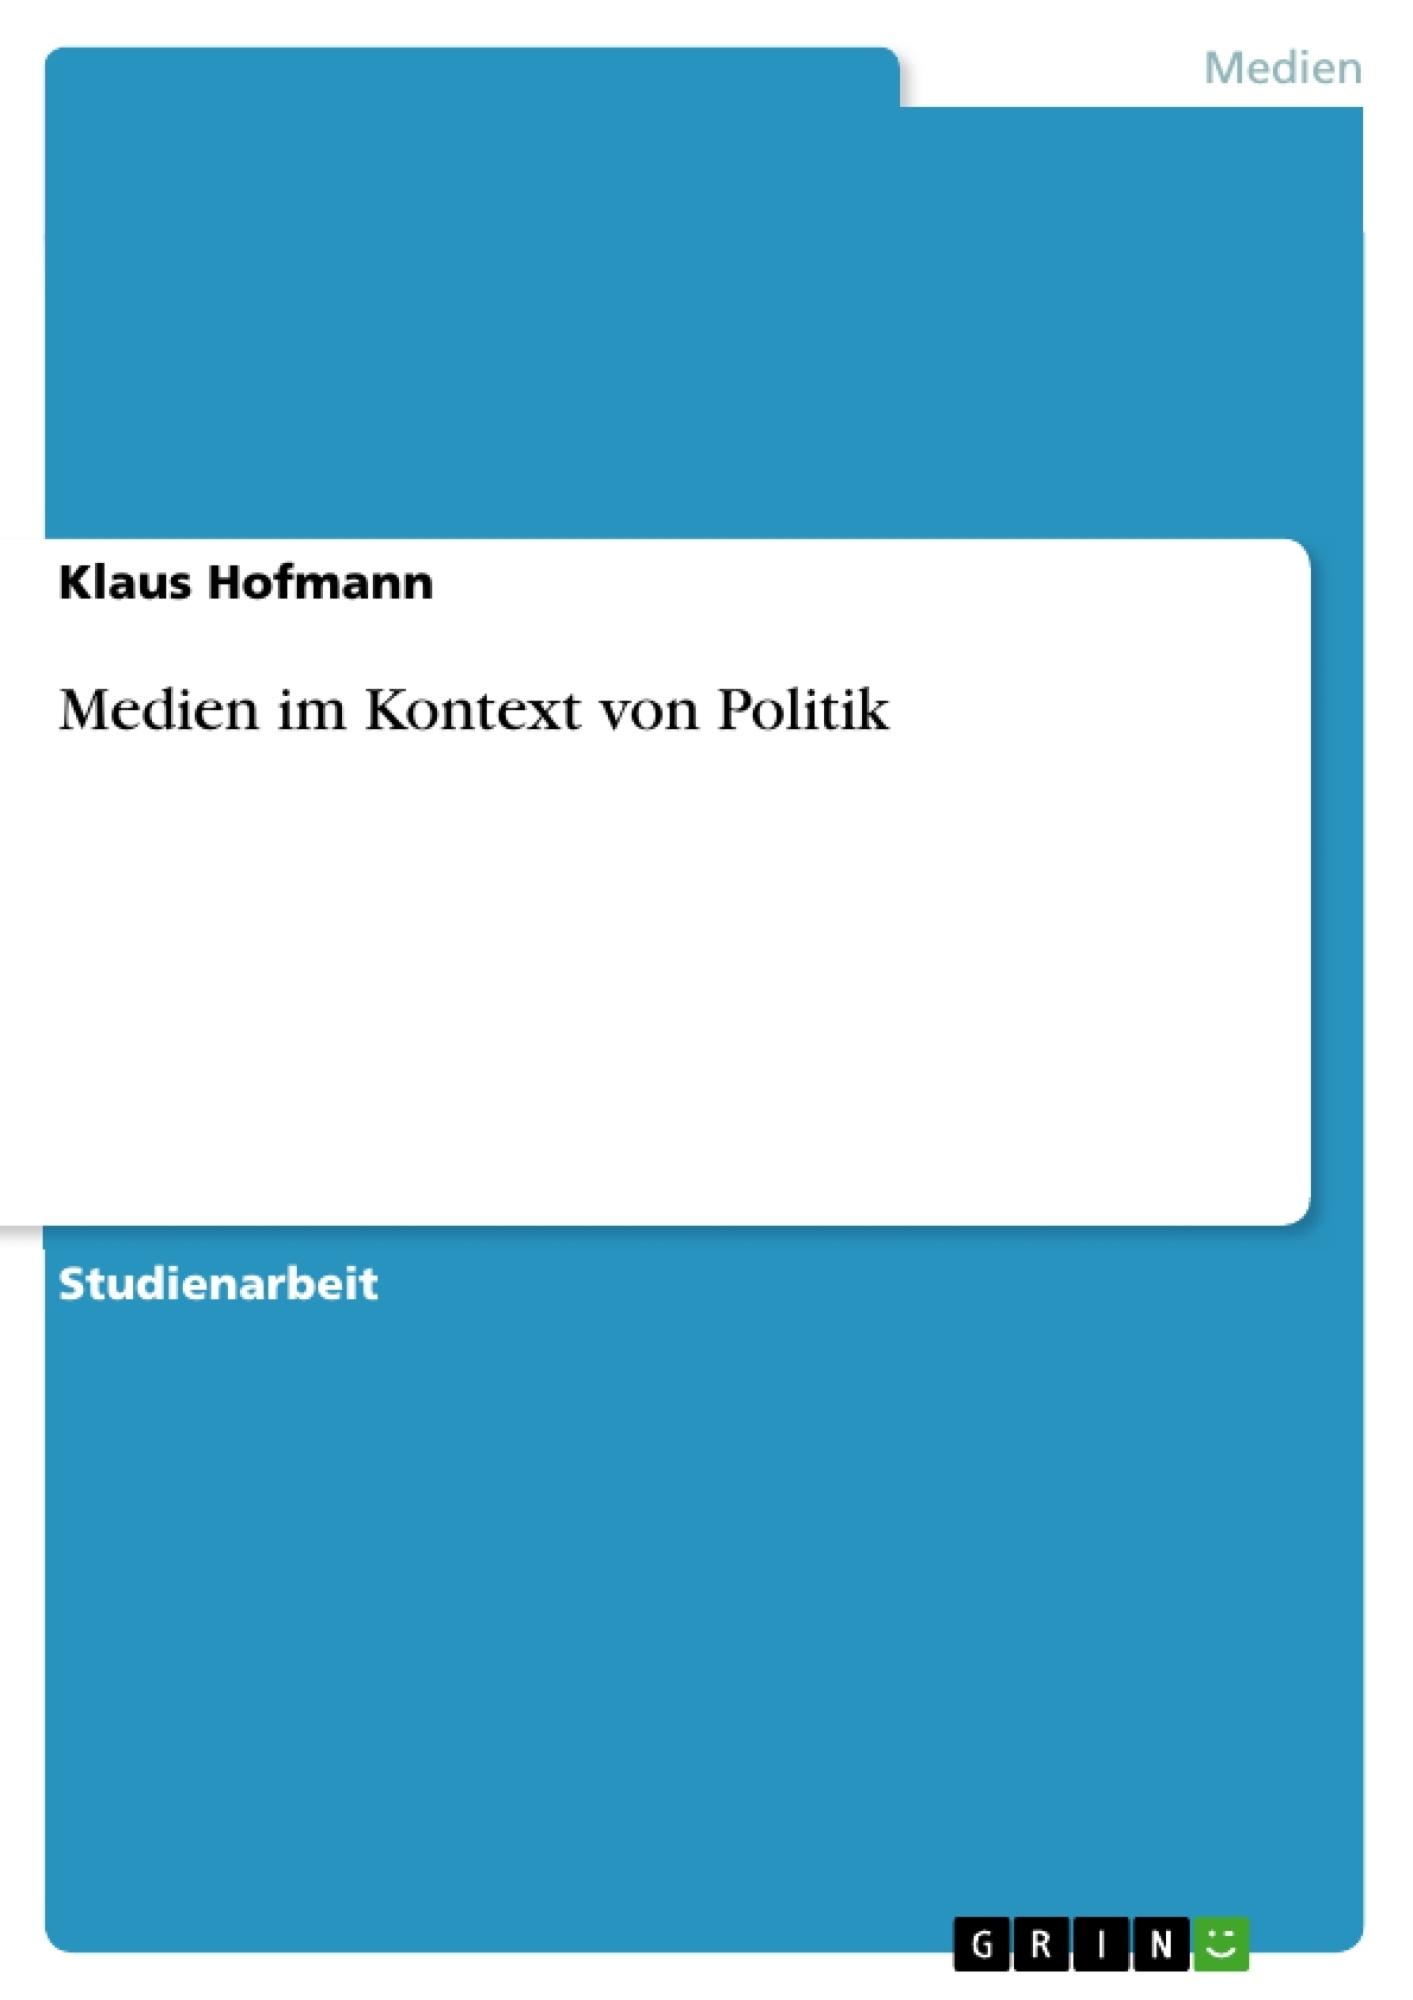 Titel: Medien im Kontext von Politik